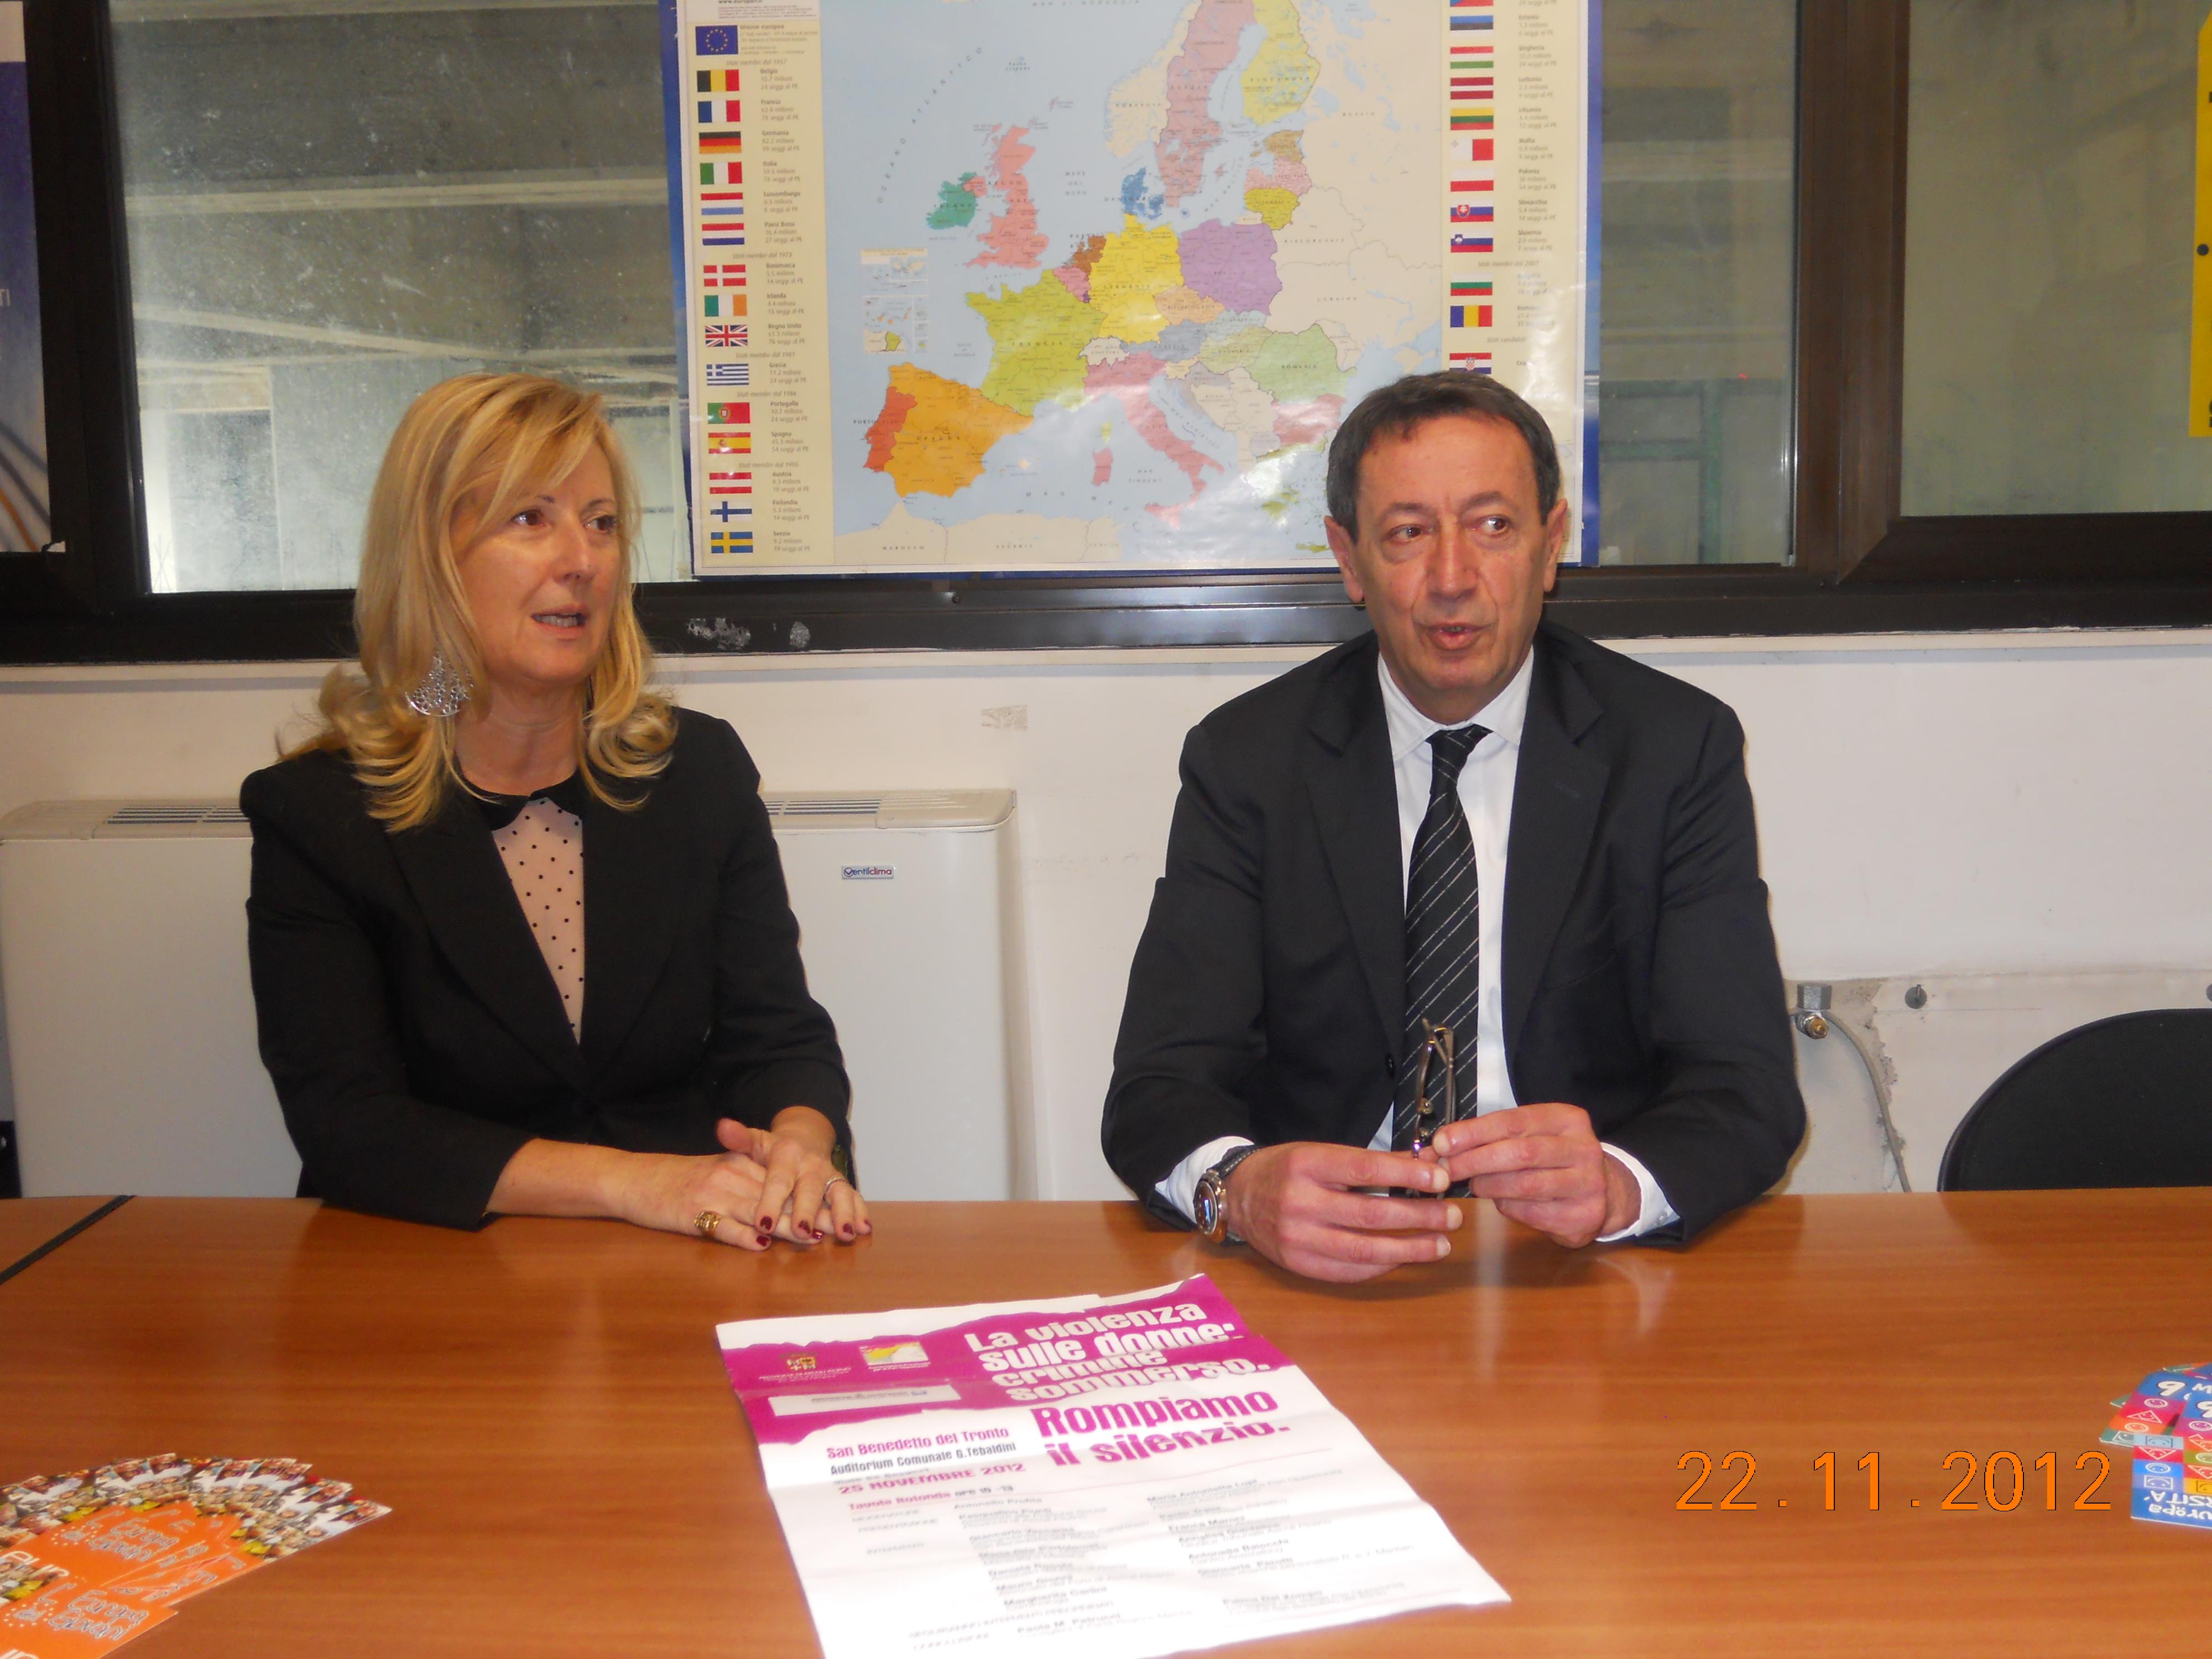 L'assessore alle pari opportunità Pasqualino Piunti e la dottoressa Maria Antonietta Lupi